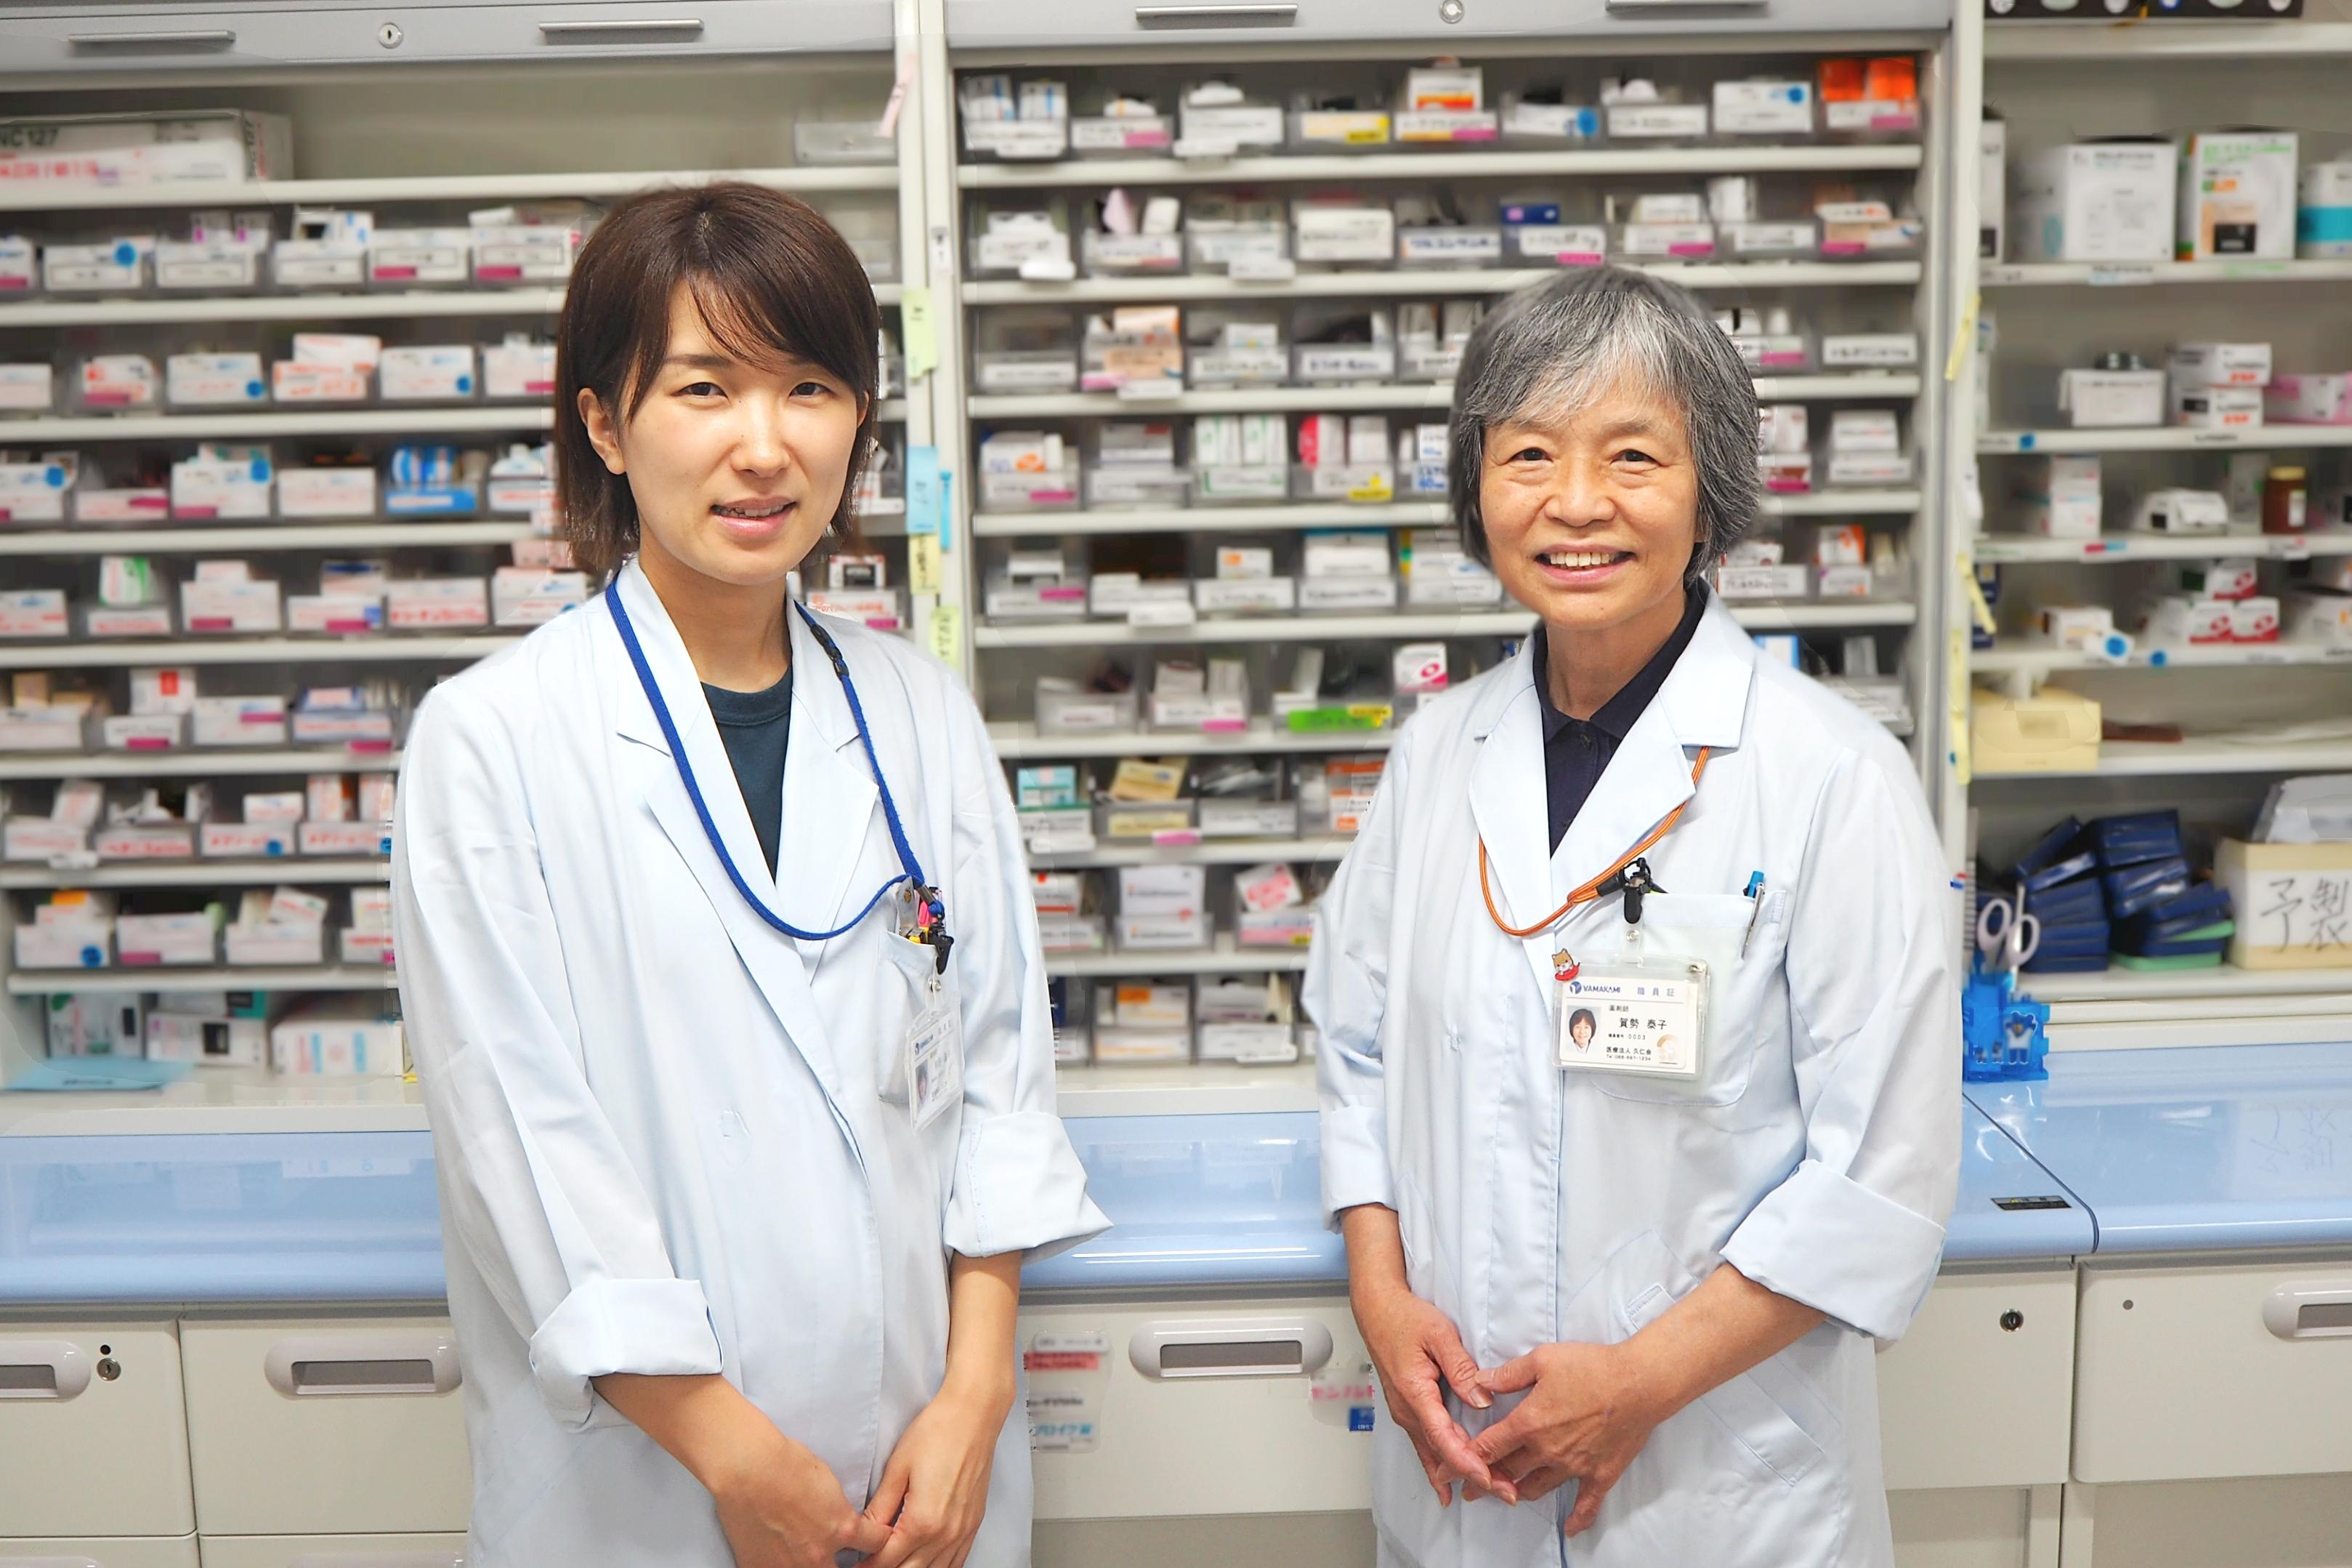 鳴門山上病院薬剤科の薬剤師業務――入退院支援と医療安全活動について